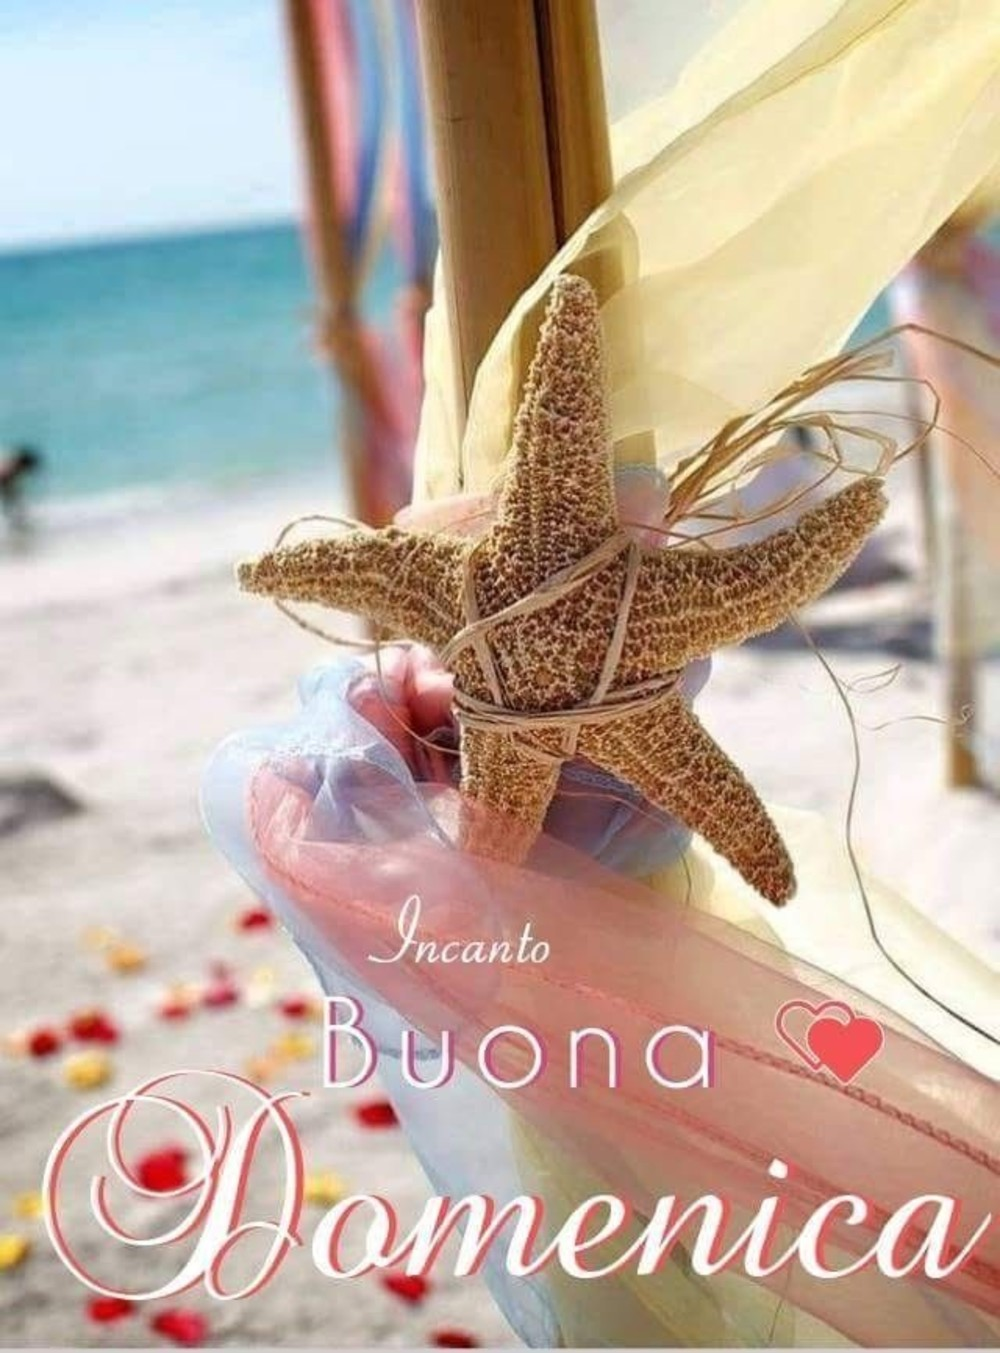 immagini buona domenica stella marina